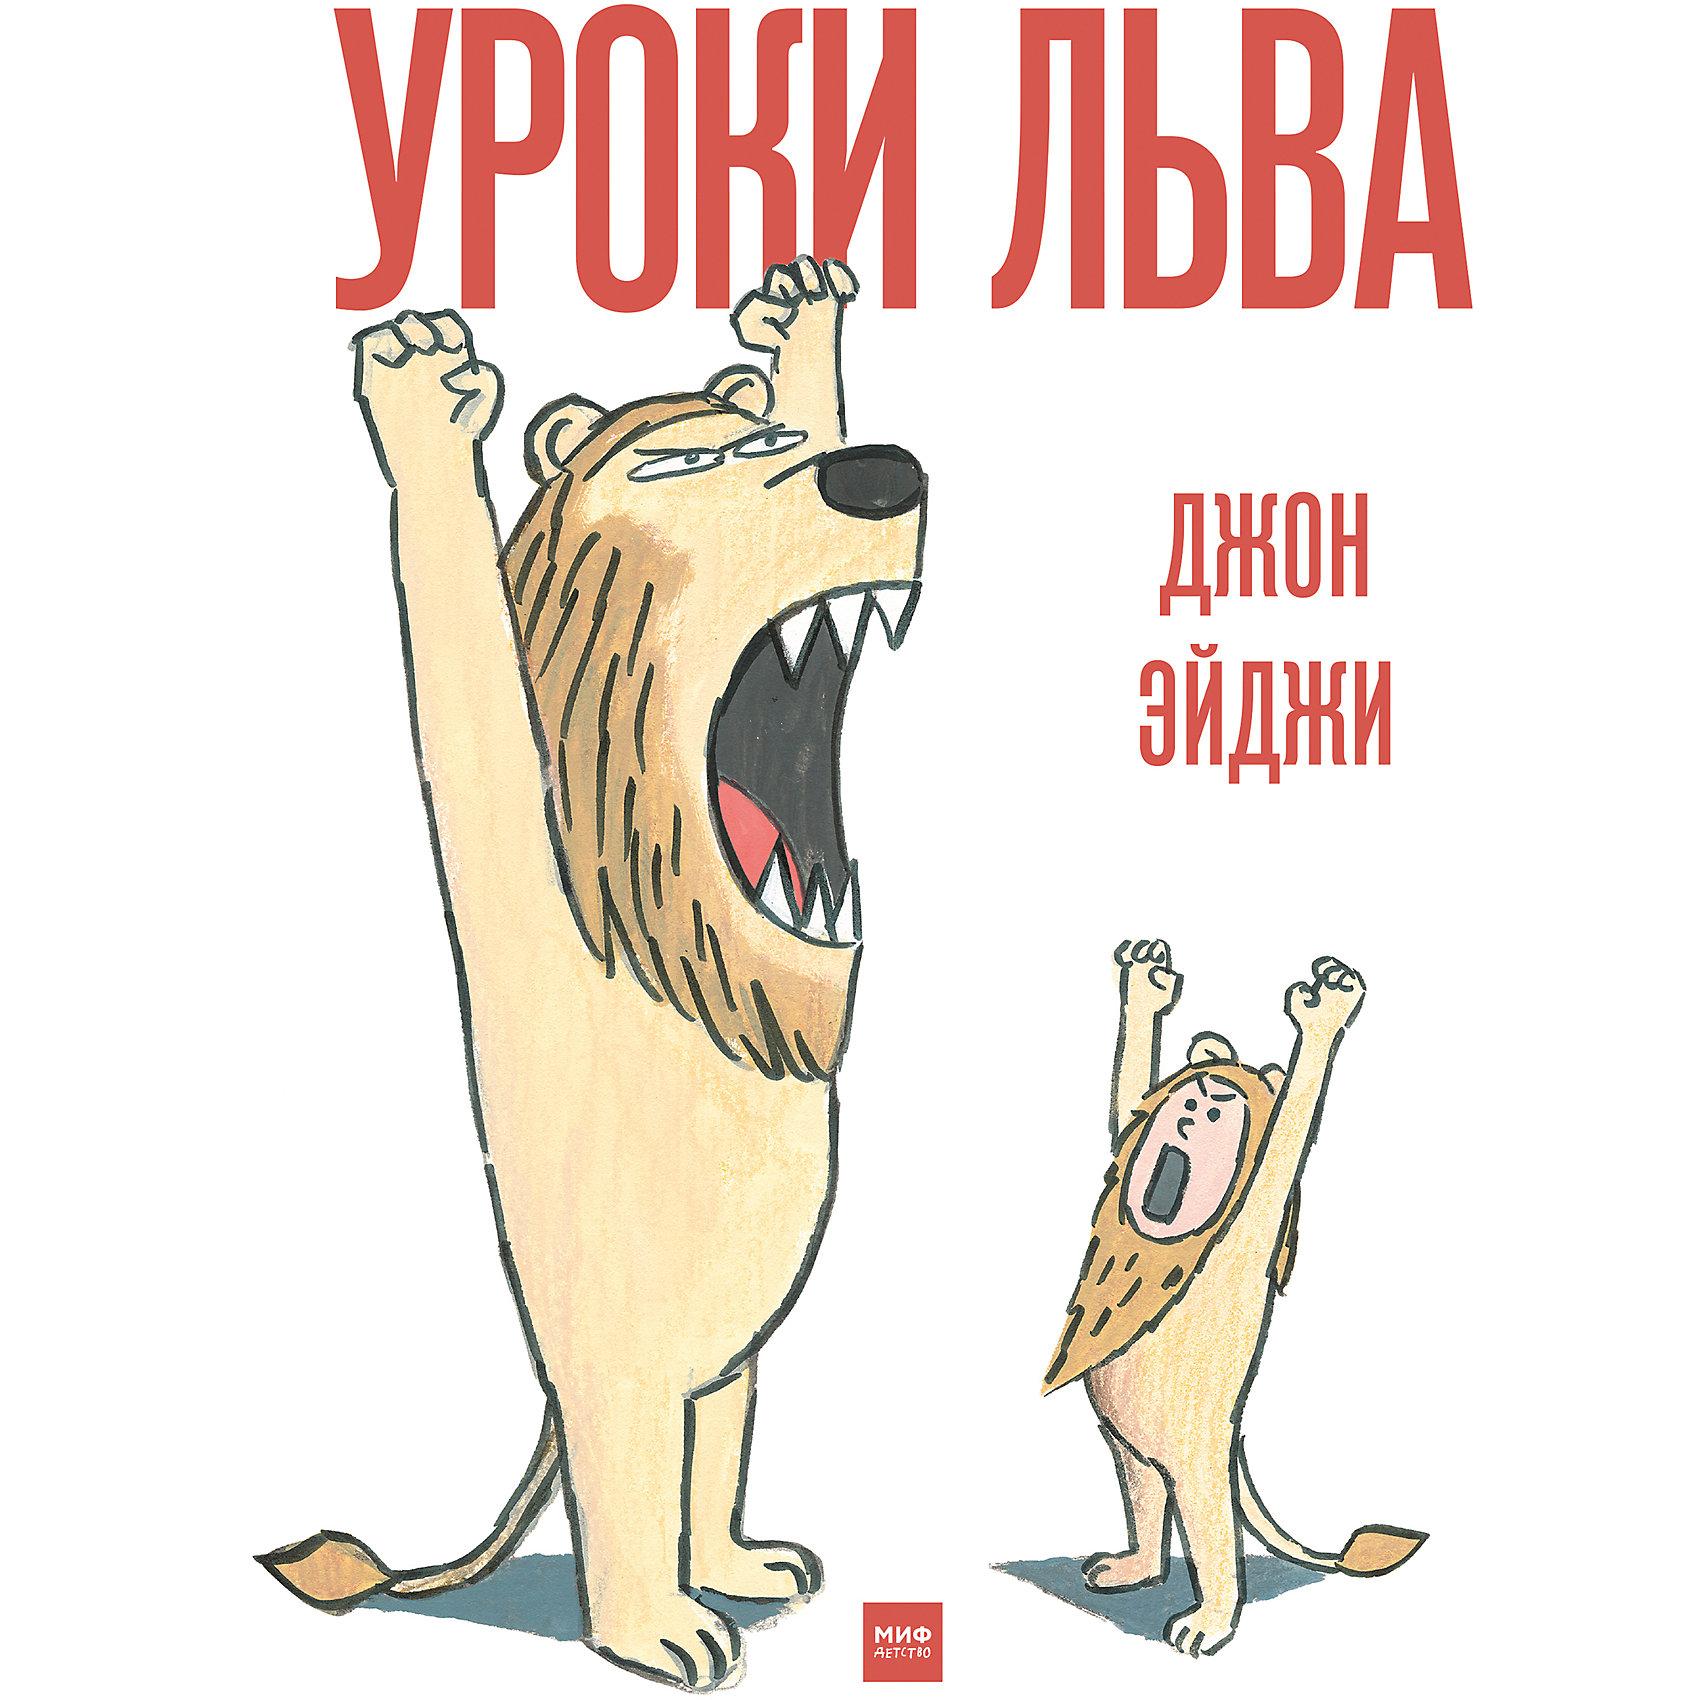 Уроки льваТесты и задания<br>Получить диплом льва очень непросто. Одного умения громко рычать мало. Нужны быстрые ноги, смелость, ловкость, а самое главное – мудрый учитель. Именно он подскажет, как за 7 простых шагов стать настоящим львом.<br><br>Ширина мм: 267<br>Глубина мм: 207<br>Высота мм: 10<br>Вес г: 375<br>Возраст от месяцев: 48<br>Возраст до месяцев: 168<br>Пол: Унисекс<br>Возраст: Детский<br>SKU: 5535149